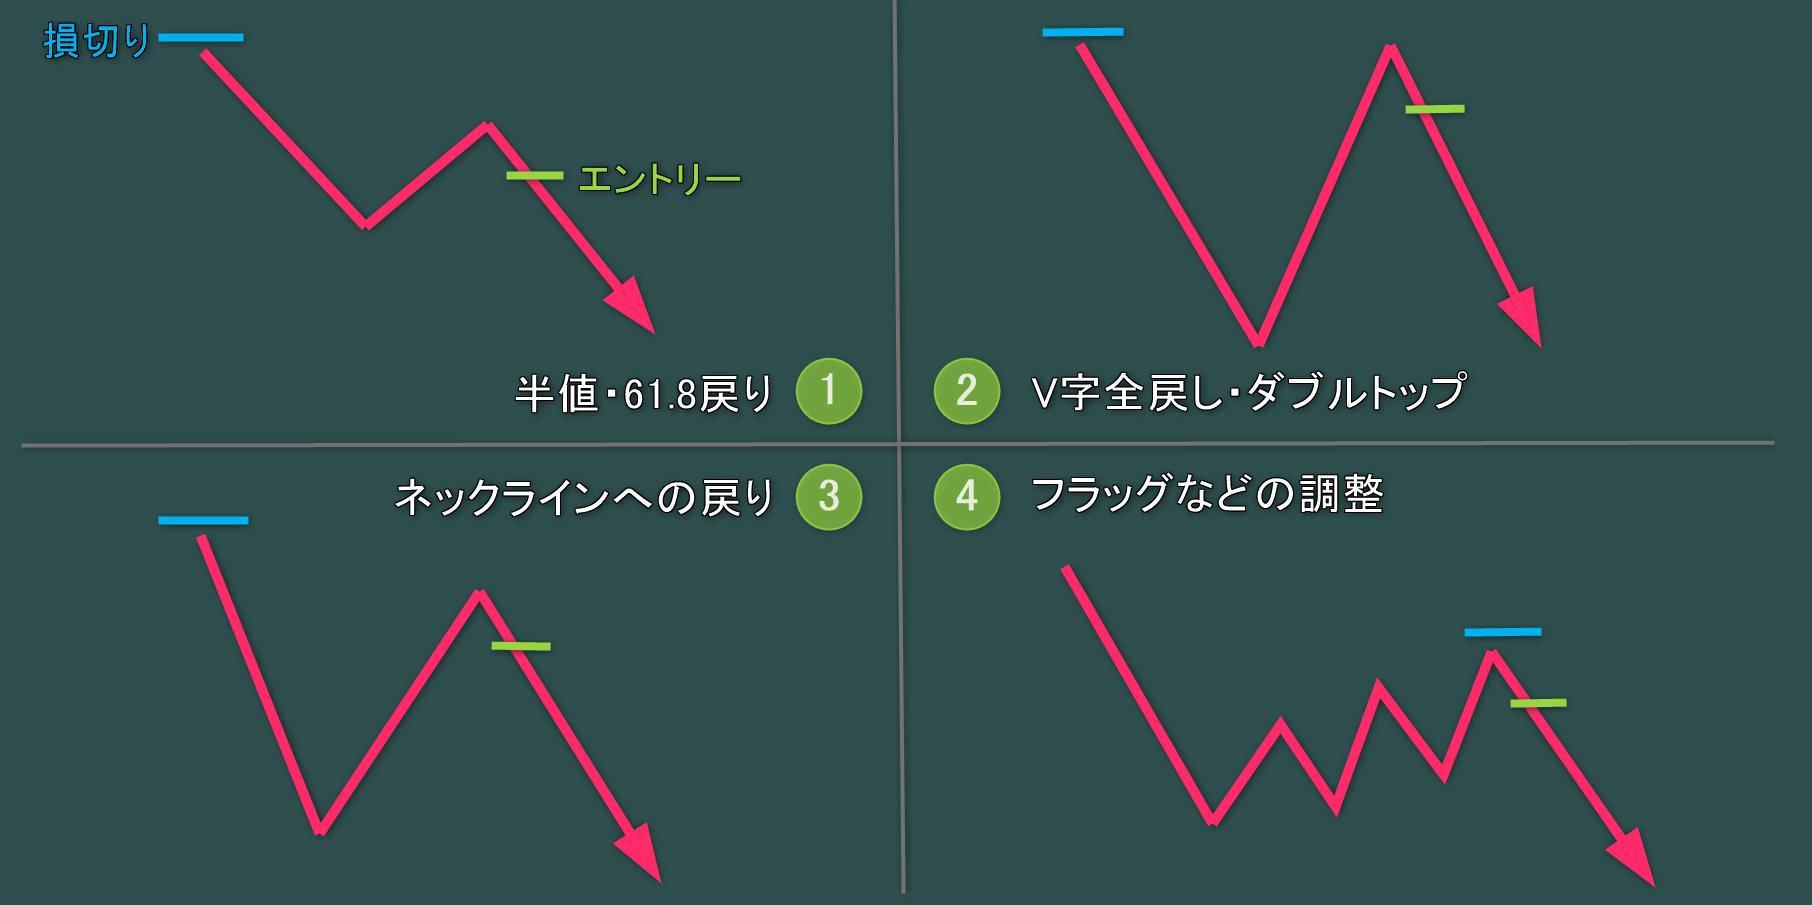 トレンドフォローの4つの基本パターン